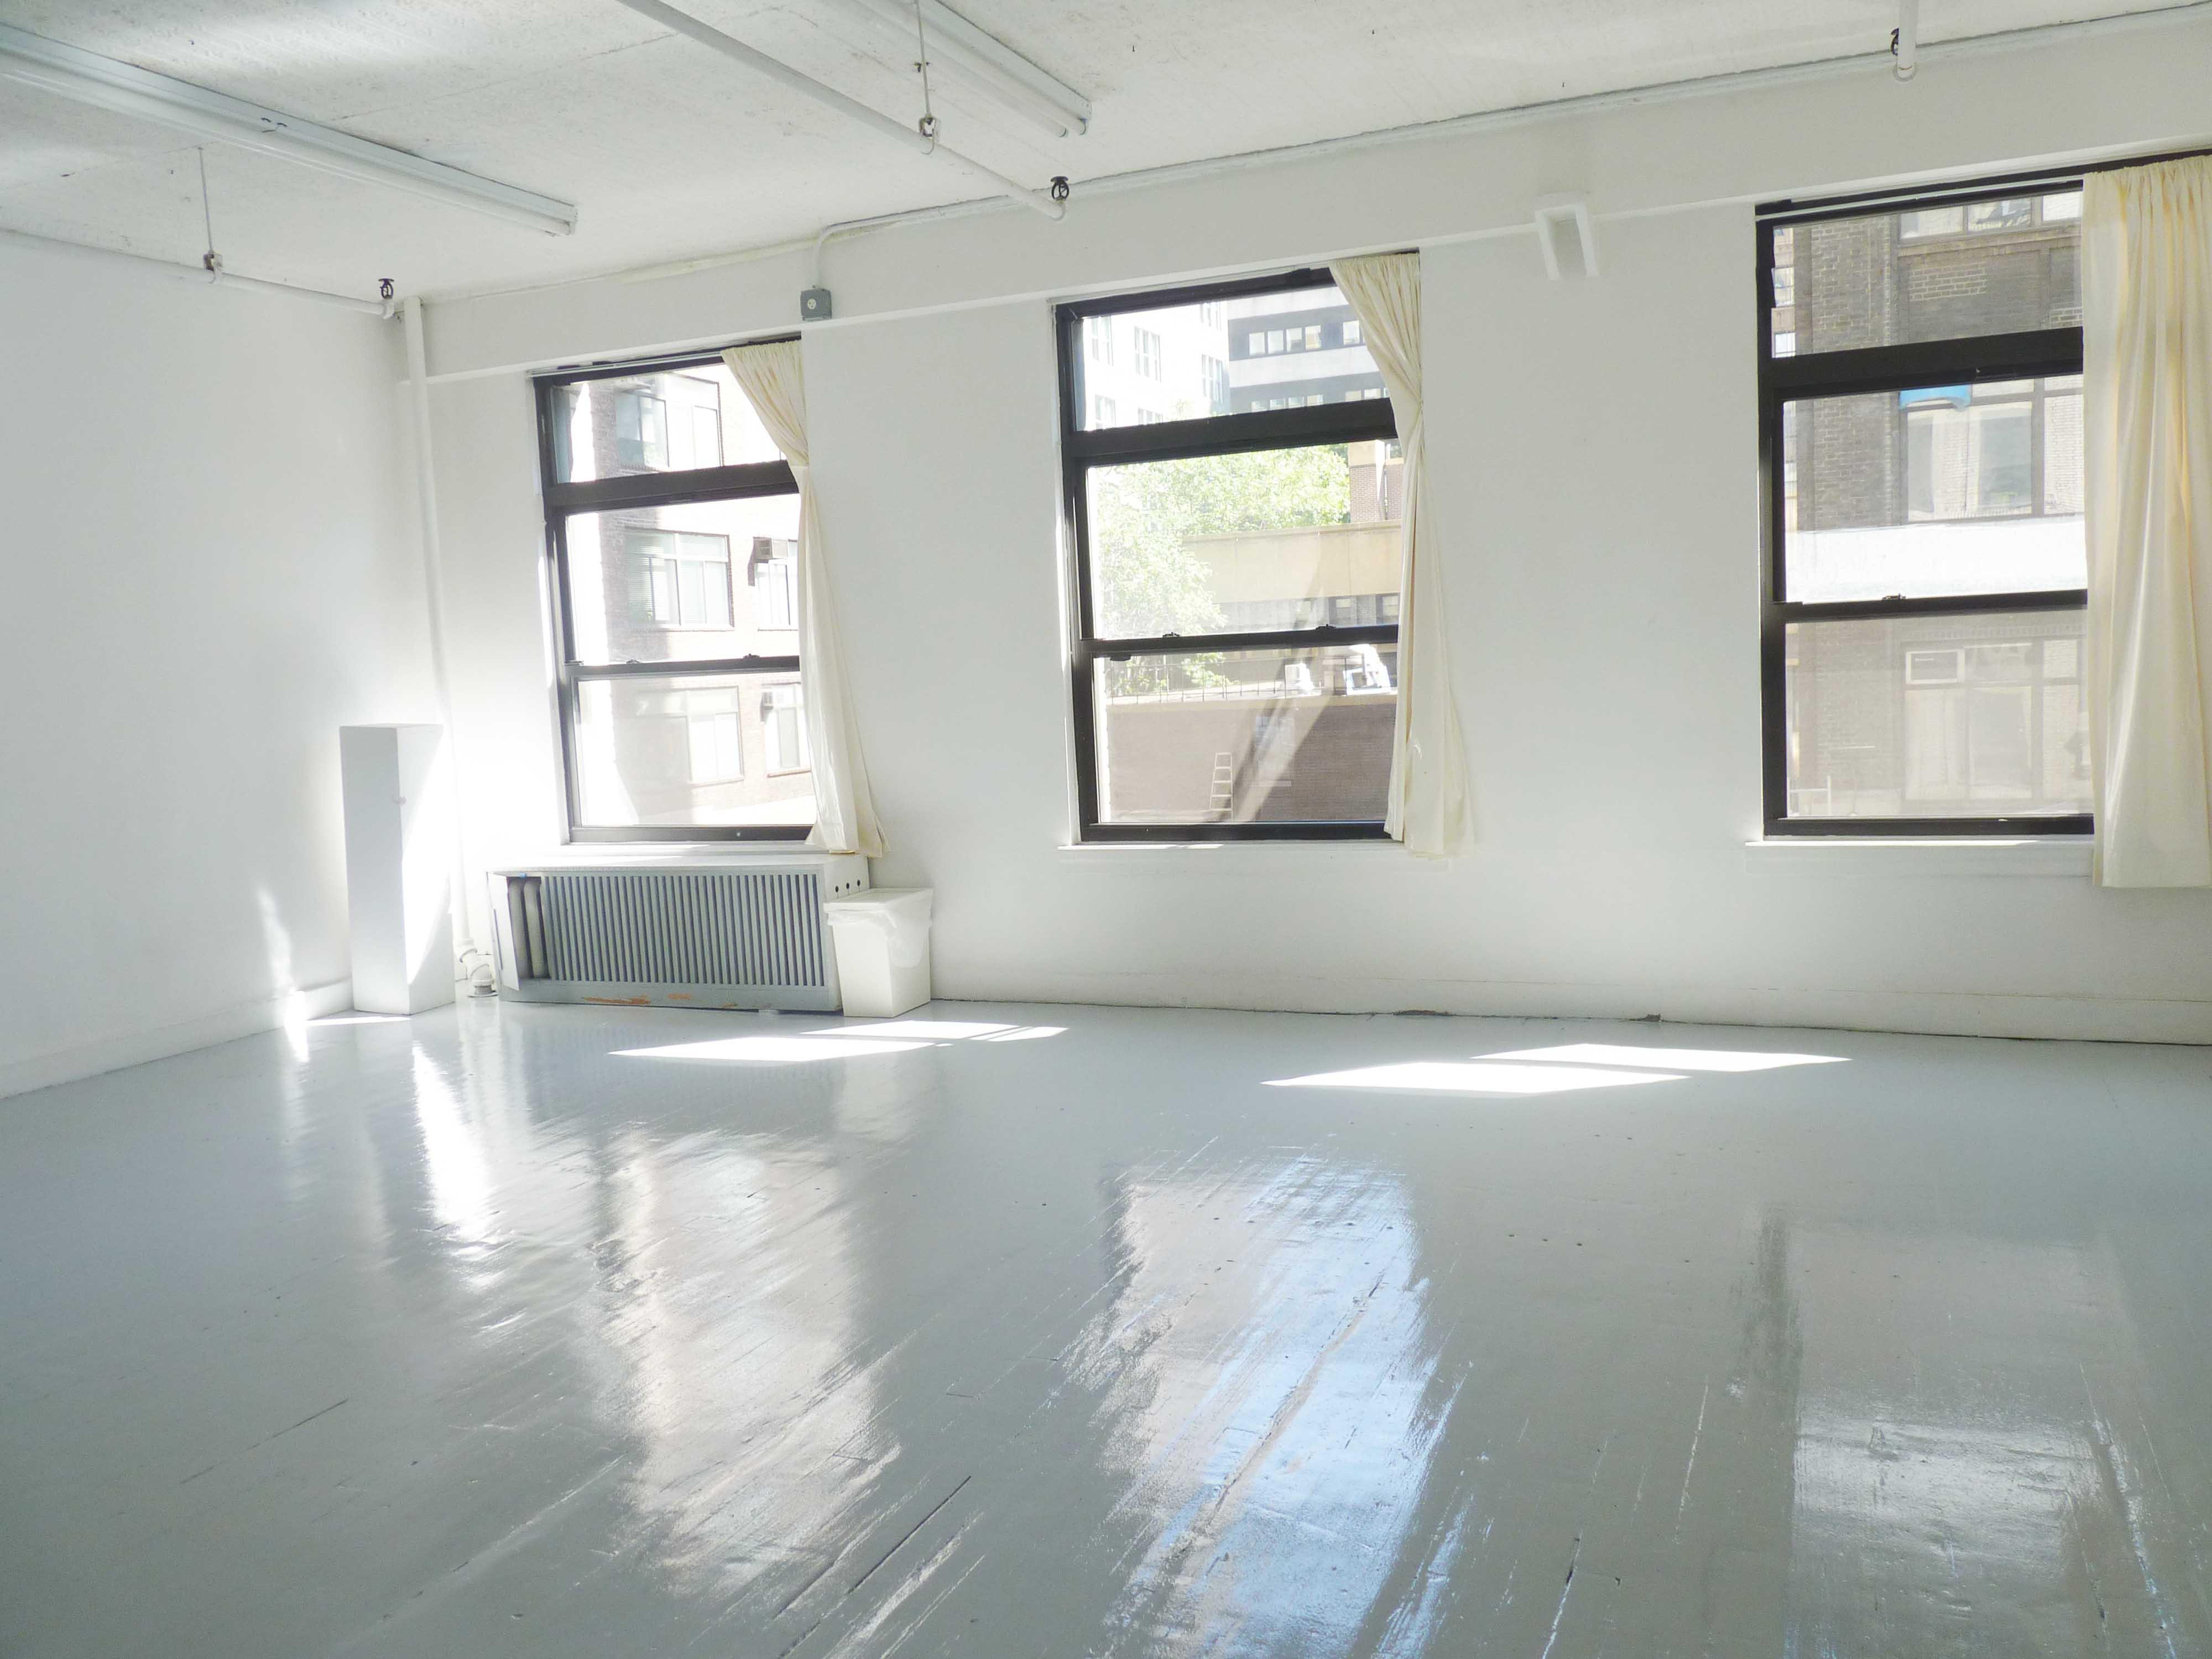 Gallery grey 003l